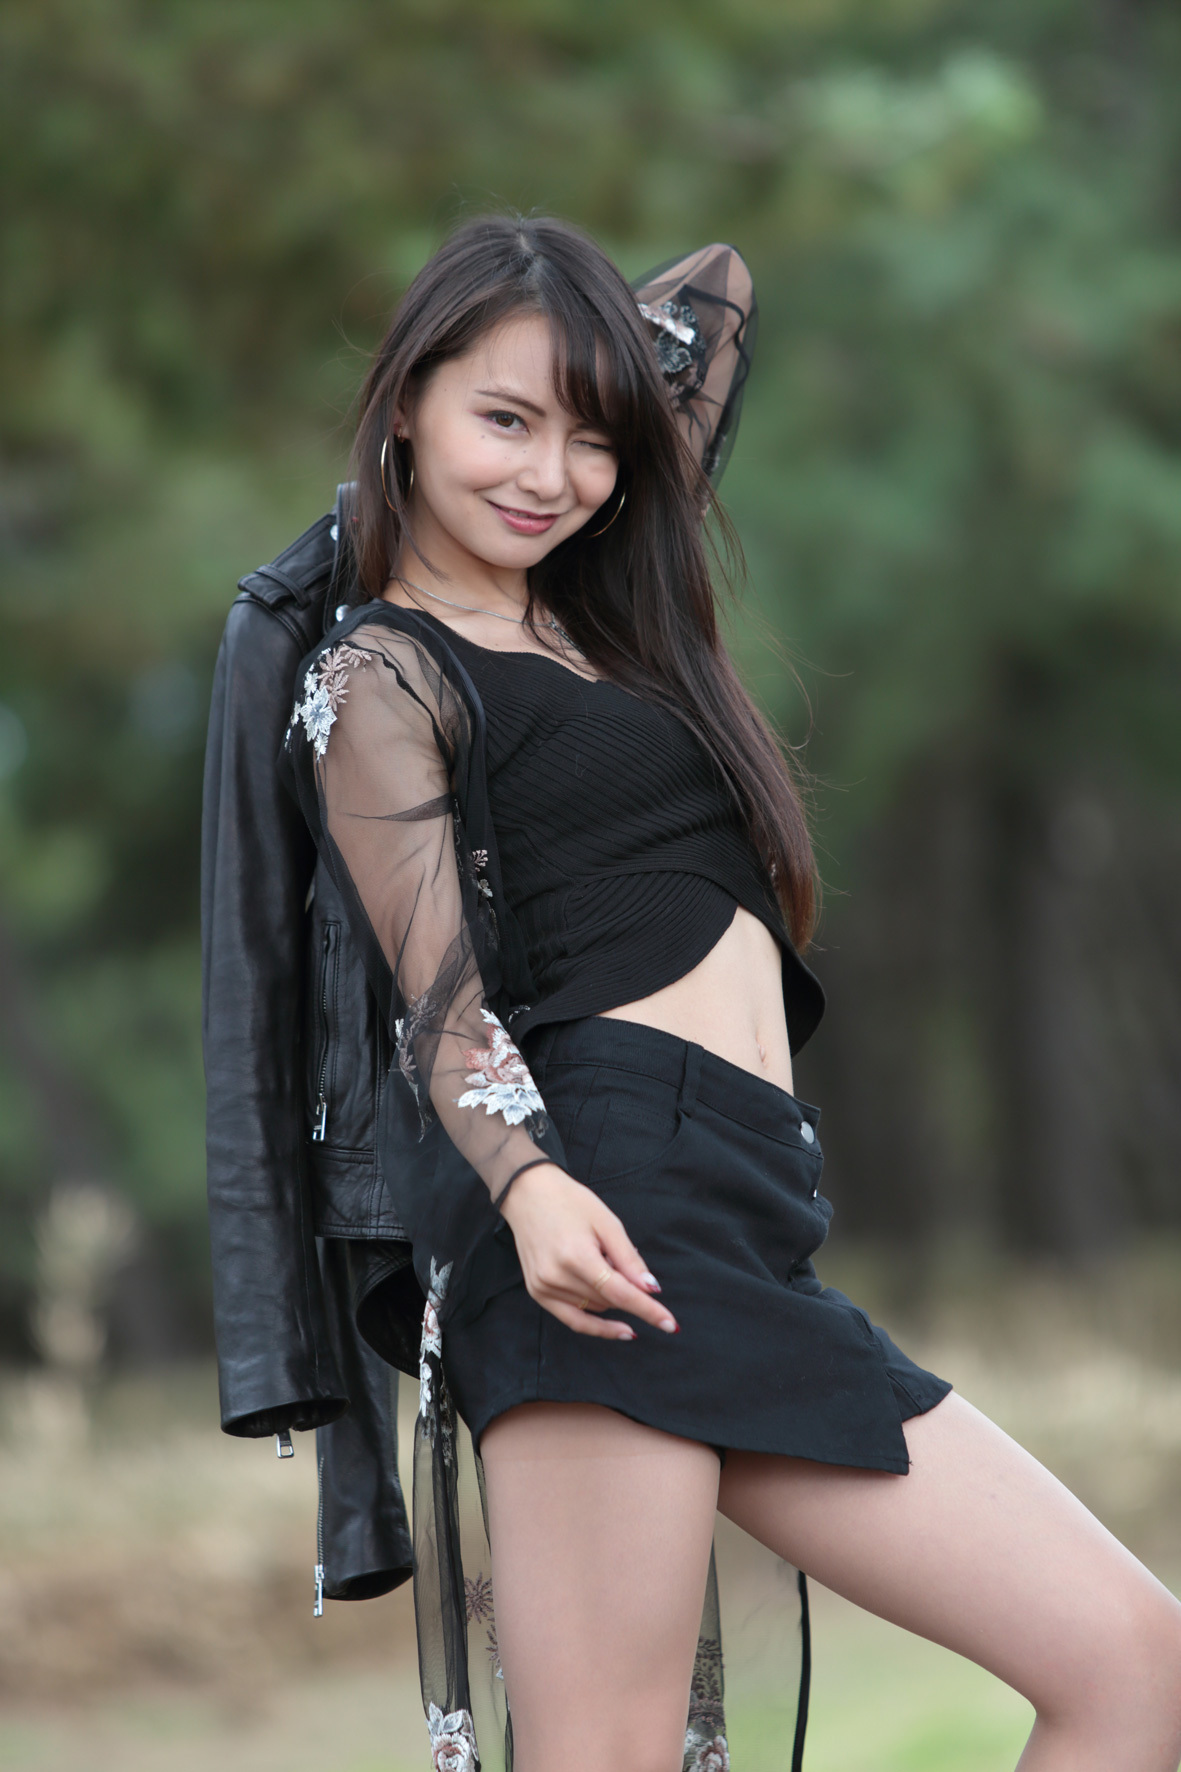 ATID-464最强舞者桜香美羽更改艺名之后被强制解除封印 (1)